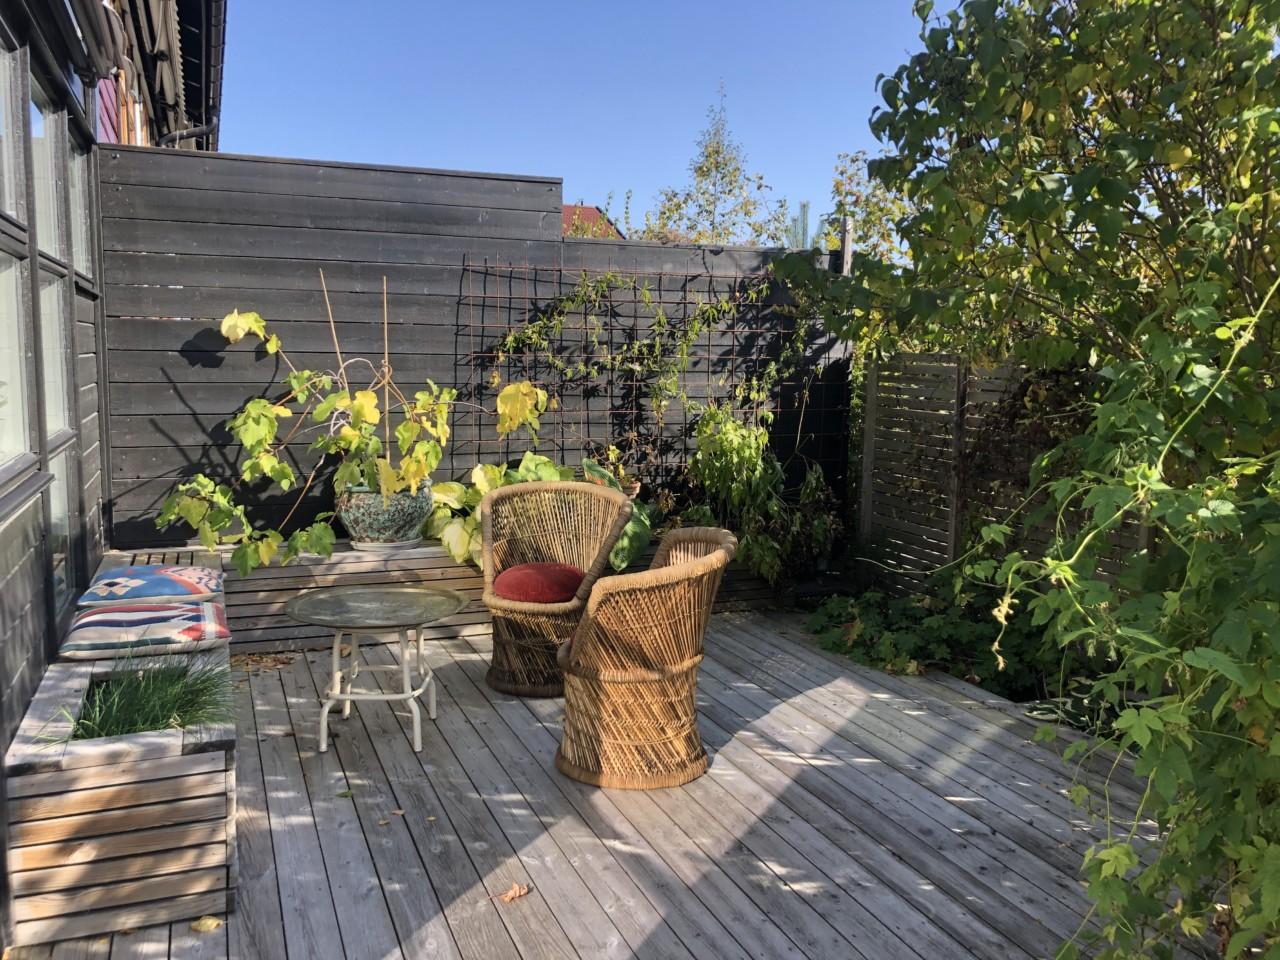 oase-terrasse-brukte-stoler-tise-marokkansk-fat-kelim-puter-cozy-living-green-house